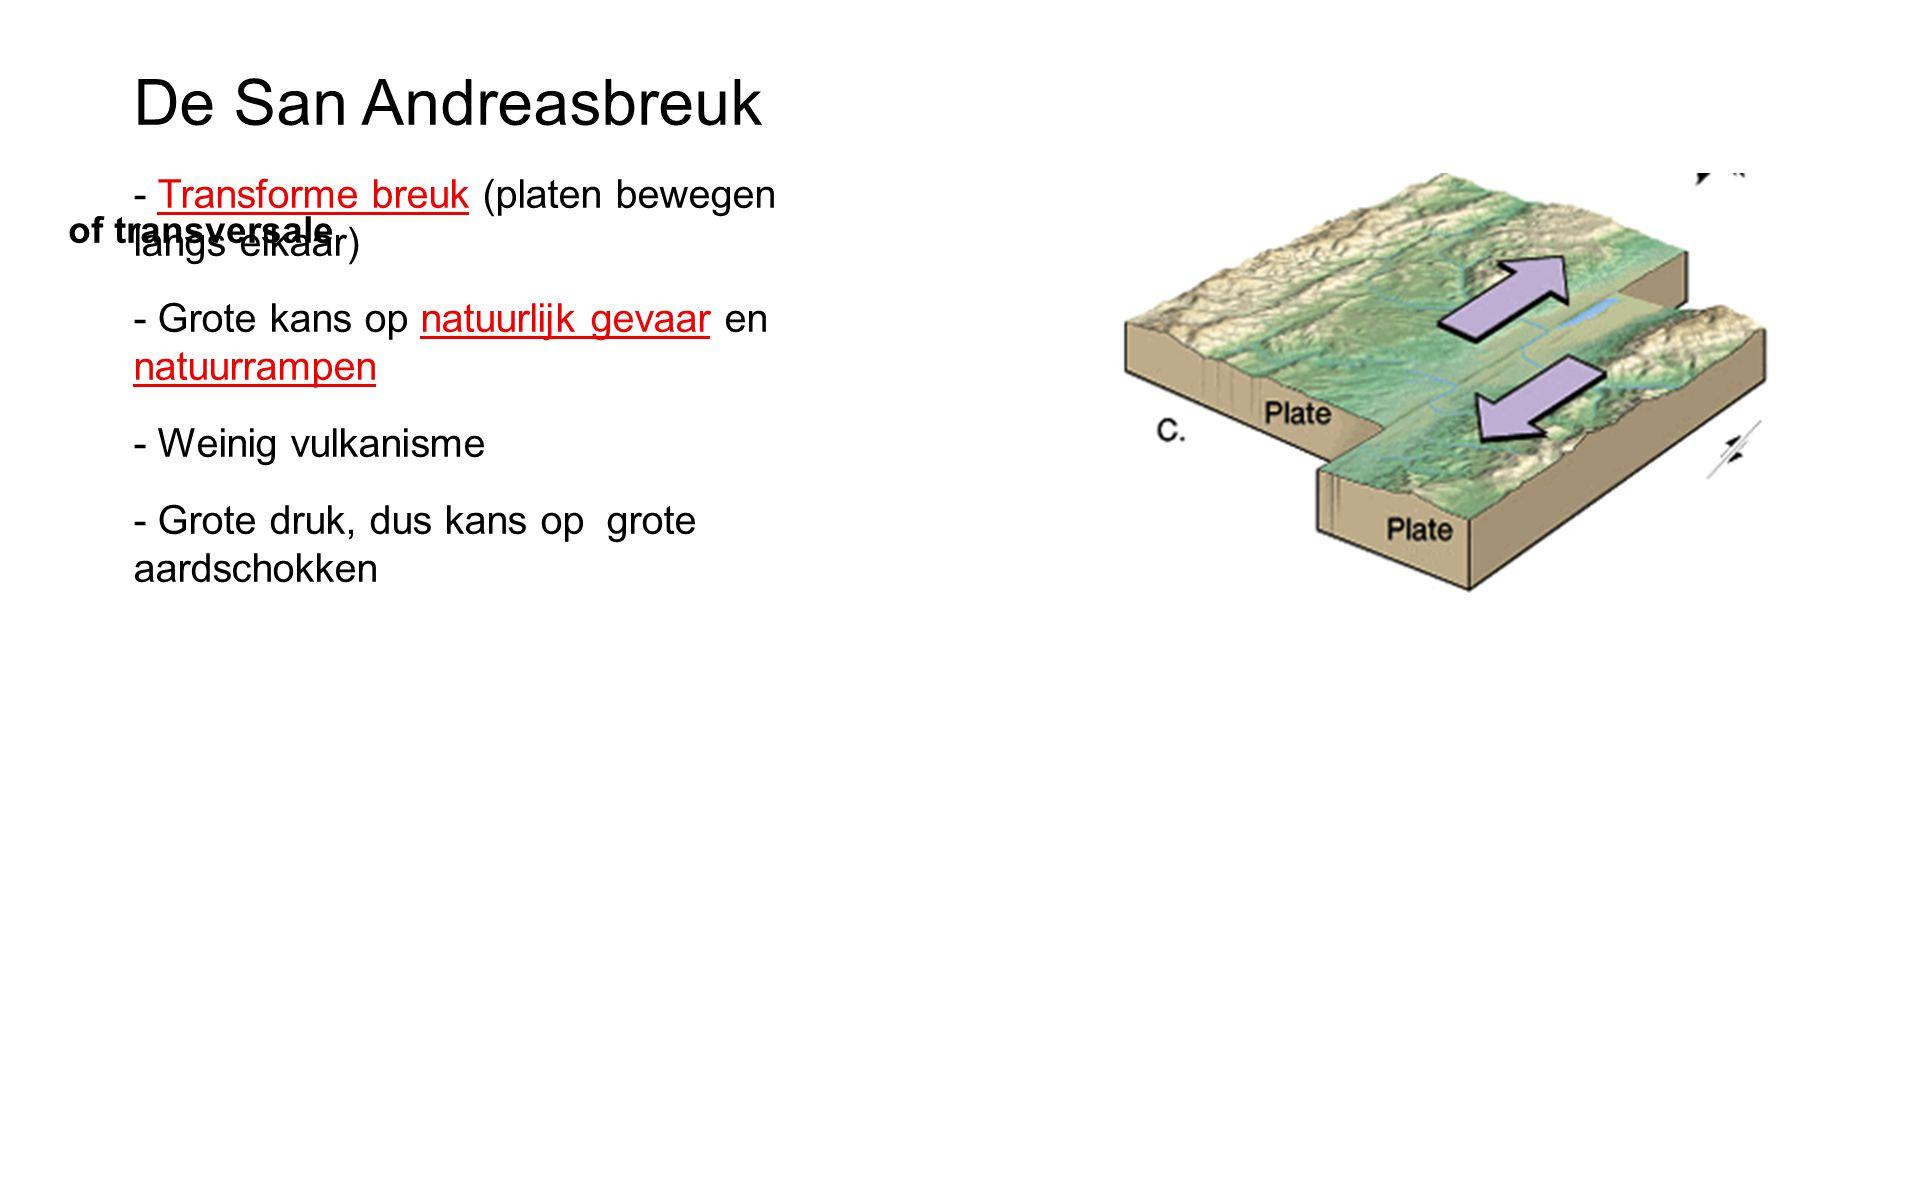 De San Andreasbreuk - Transforme breuk (platen bewegen langs elkaar) - Grote kans op natuurlijk gevaar en natuurrampen - Weinig vulkanisme - Grote druk, dus kans op grote aardschokken of transversale